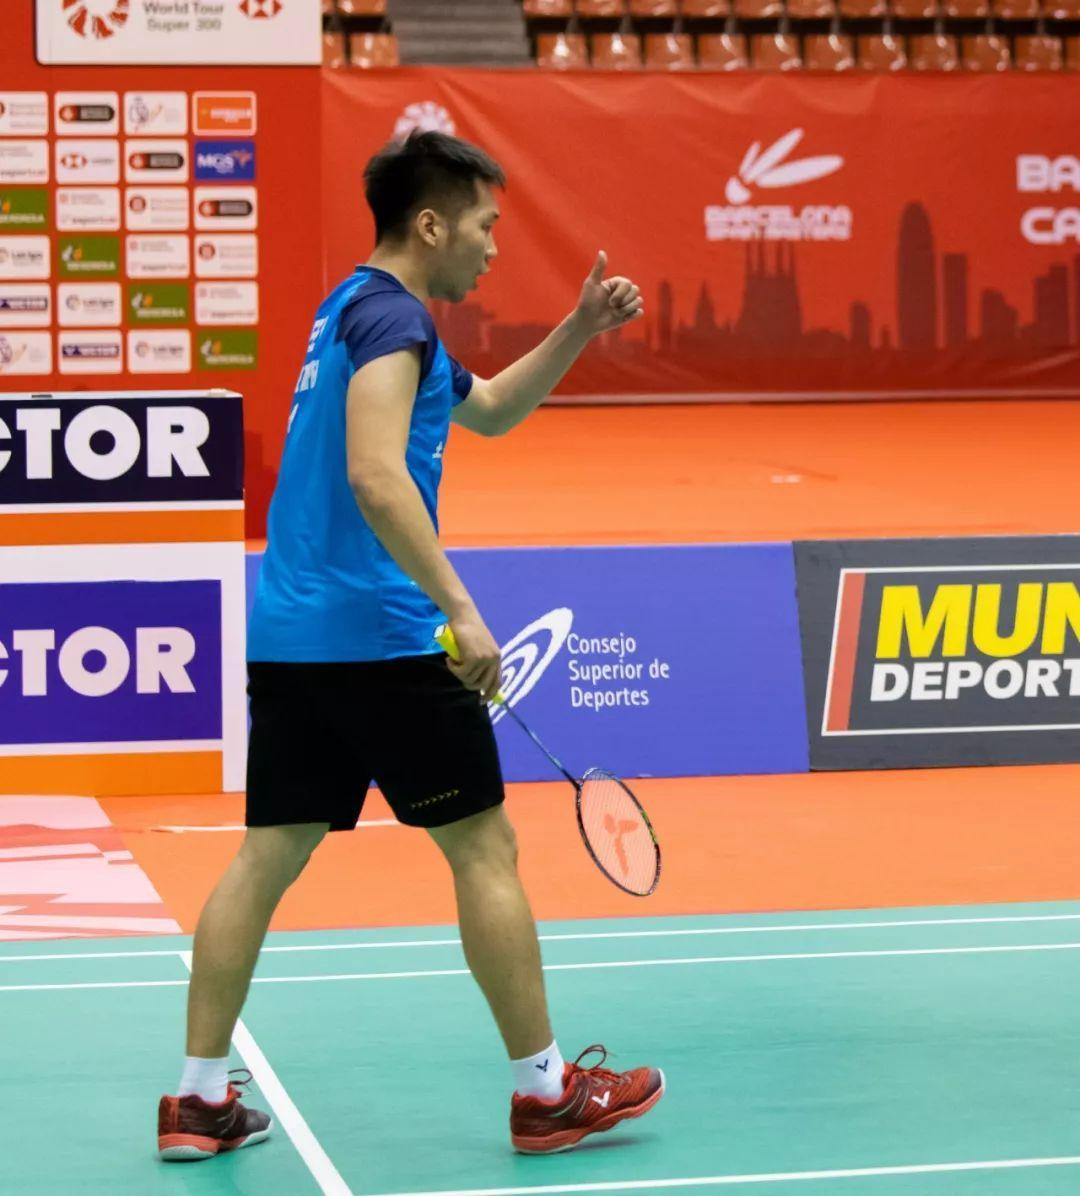 马来西亚公开赛本周开赛,精彩羽球赛事即将上演 内附赛事对阵表